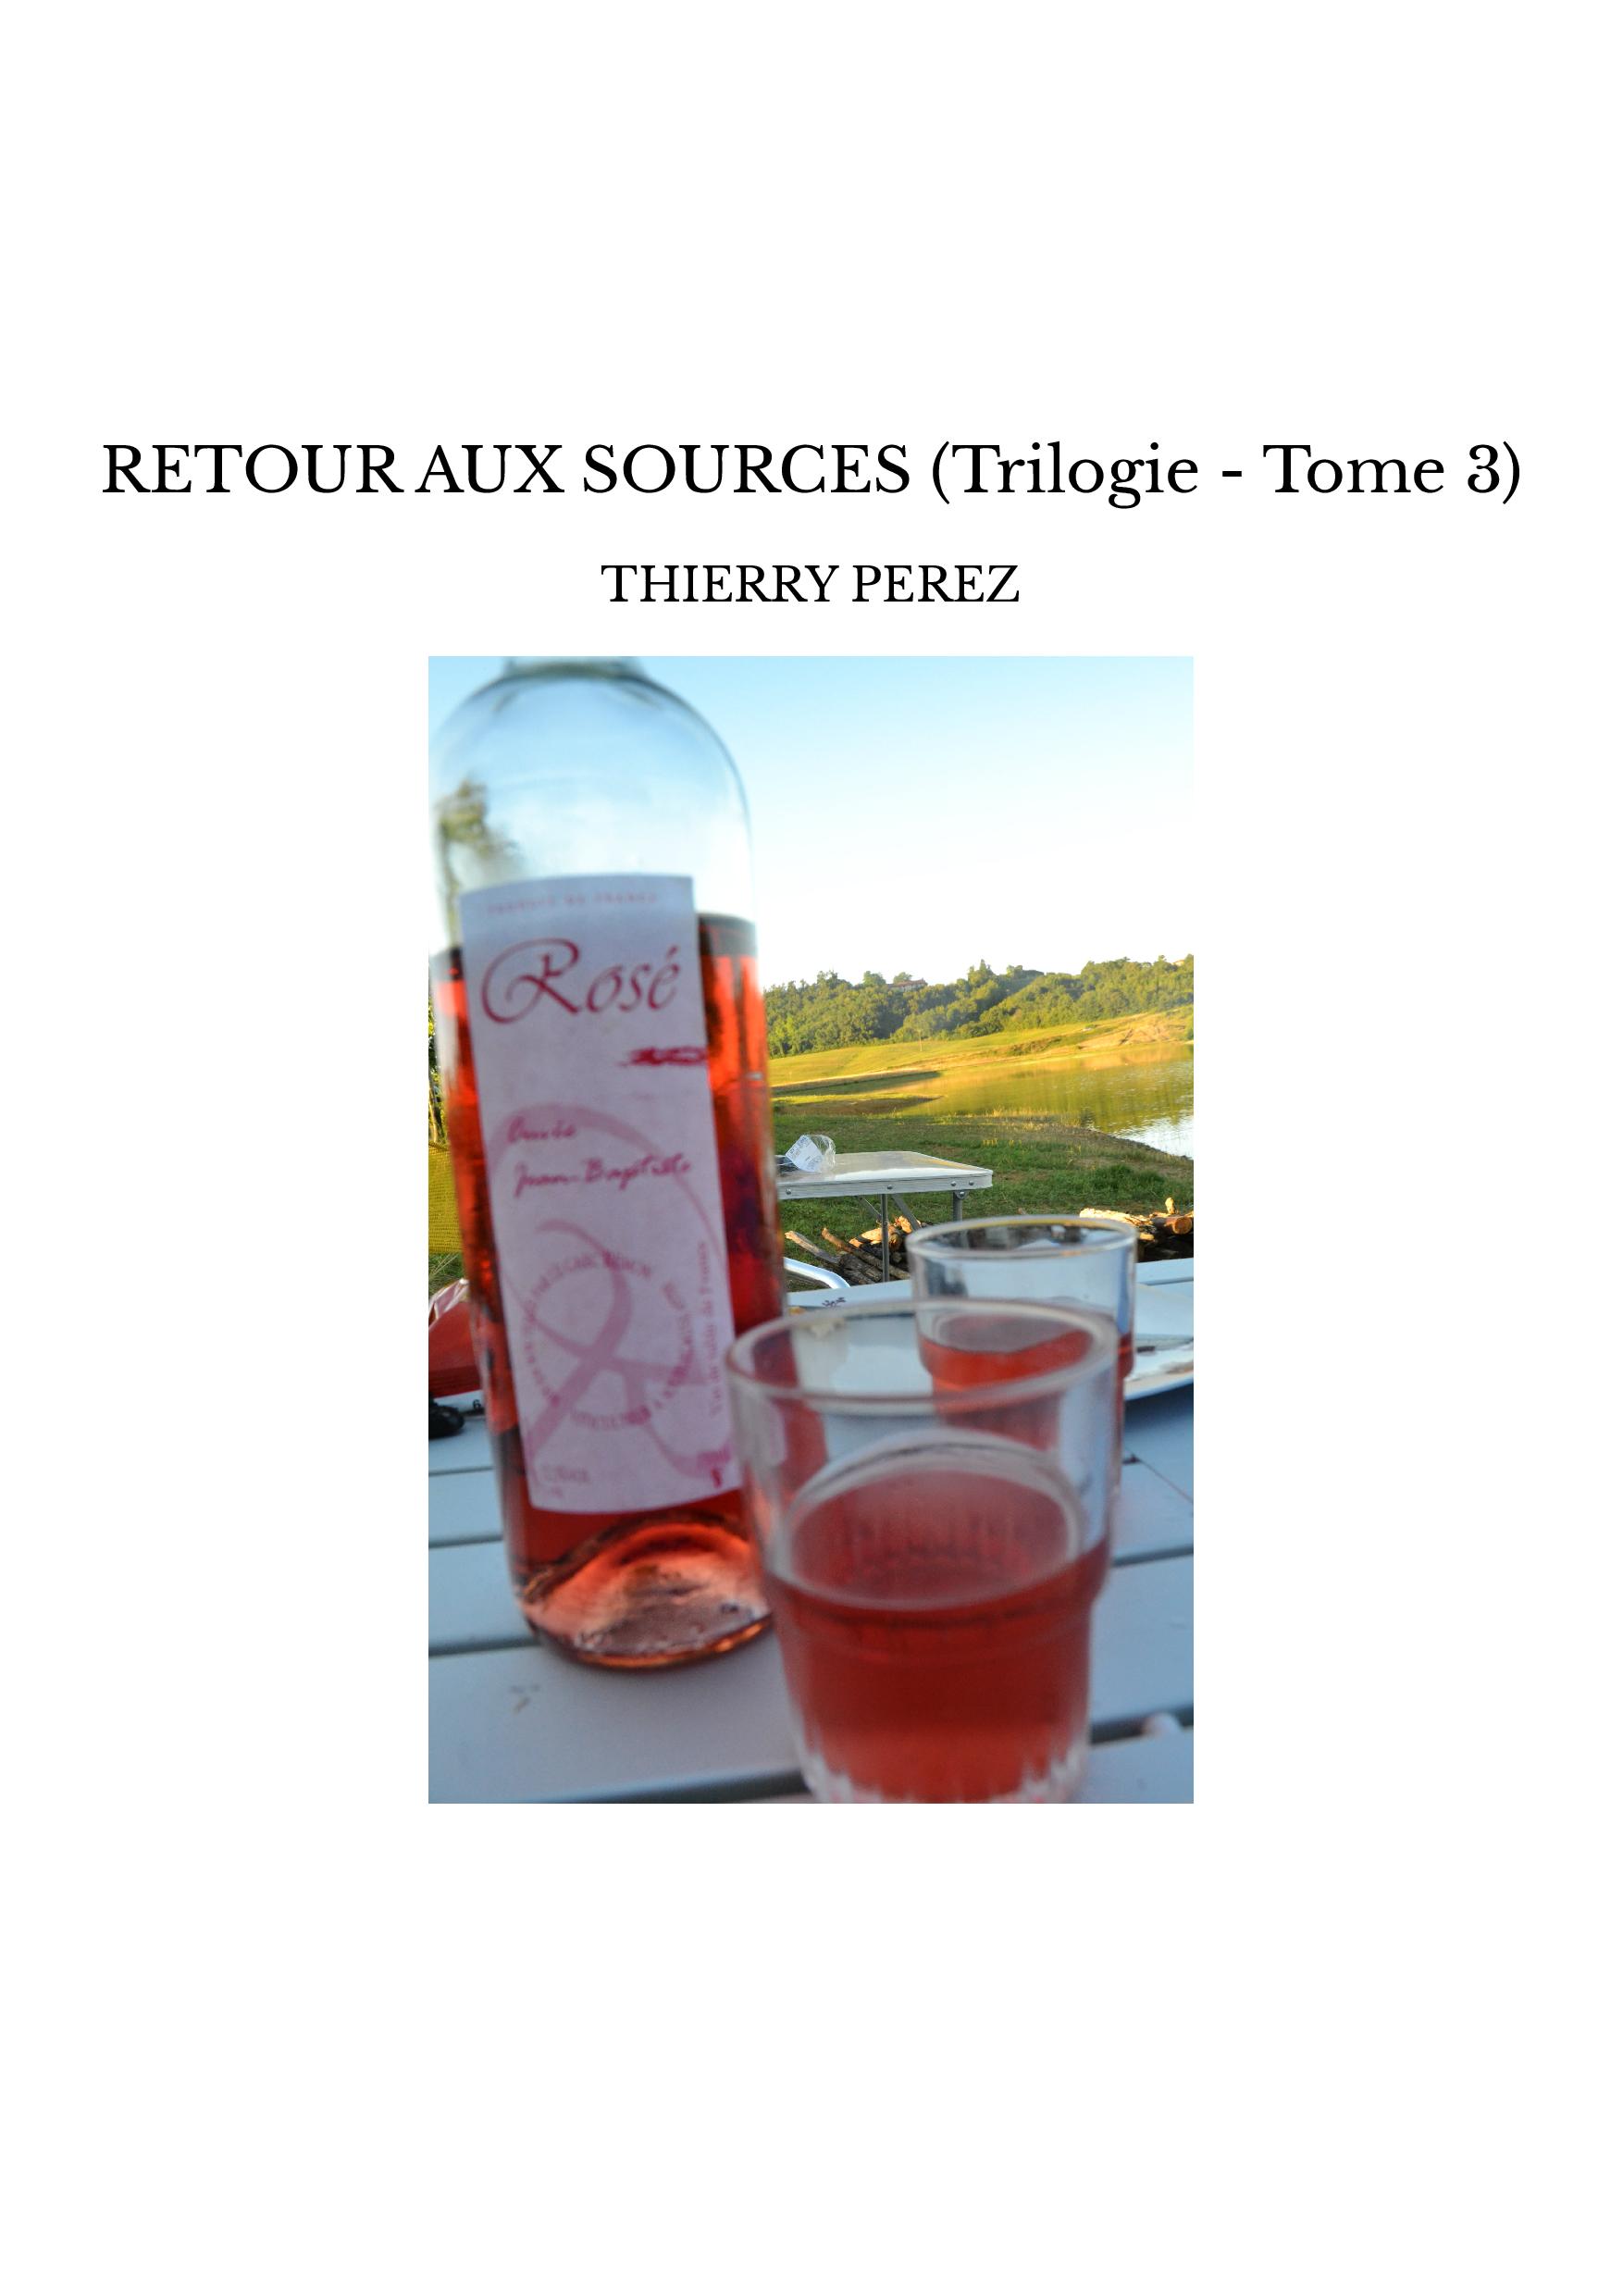 RETOUR AUX SOURCES (Trilogie - Tome 3)